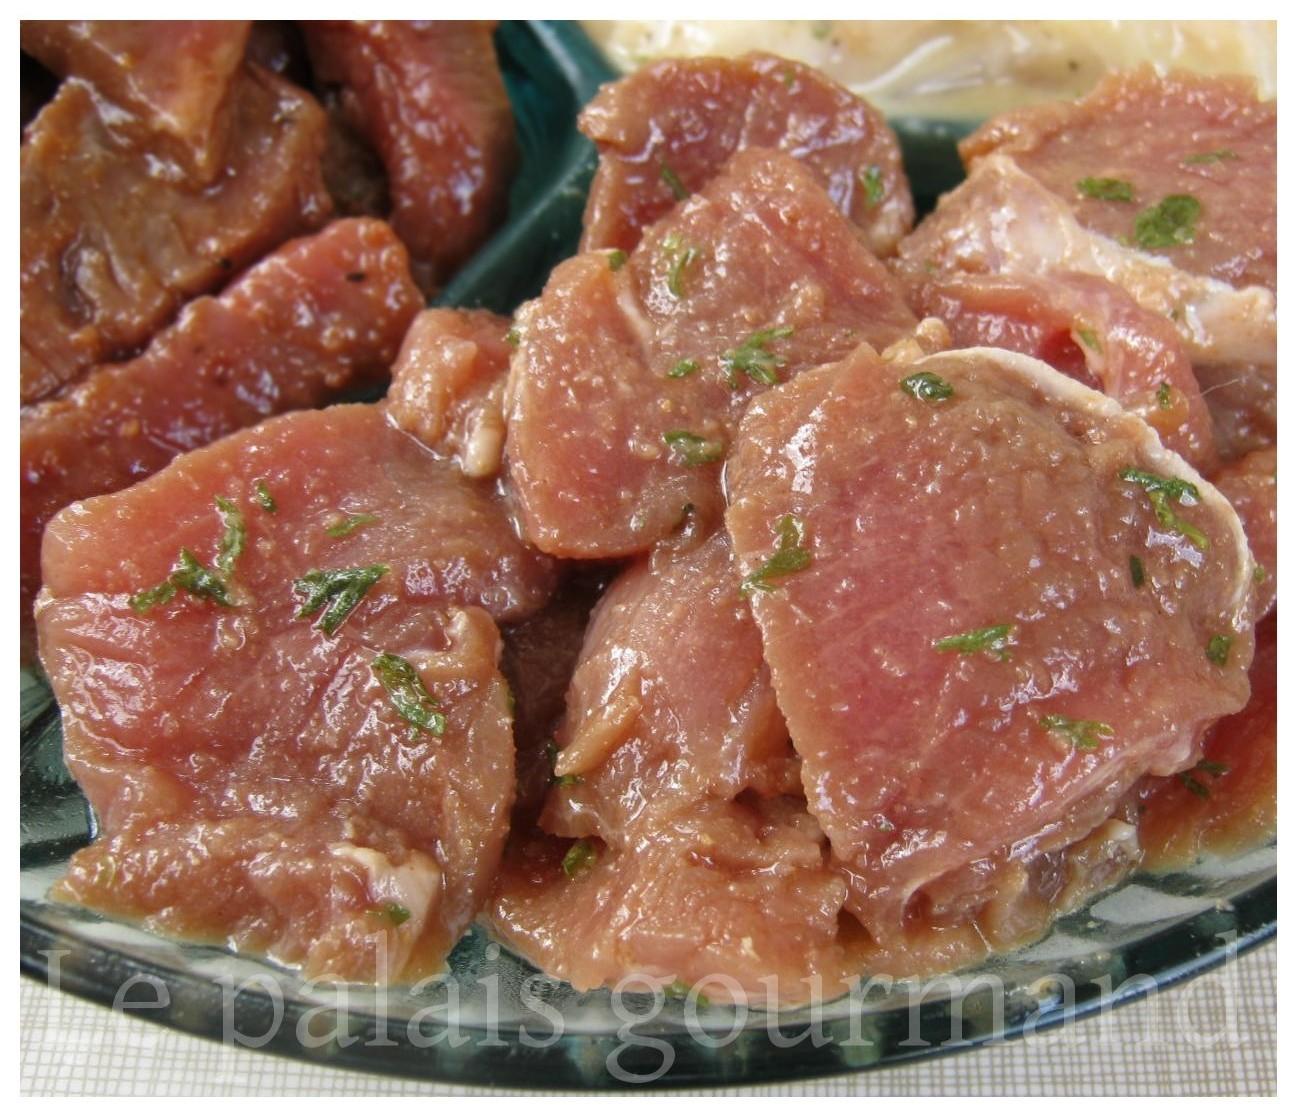 Le palais gourmand marinade pour porc - Marinade pour viande rouge ...